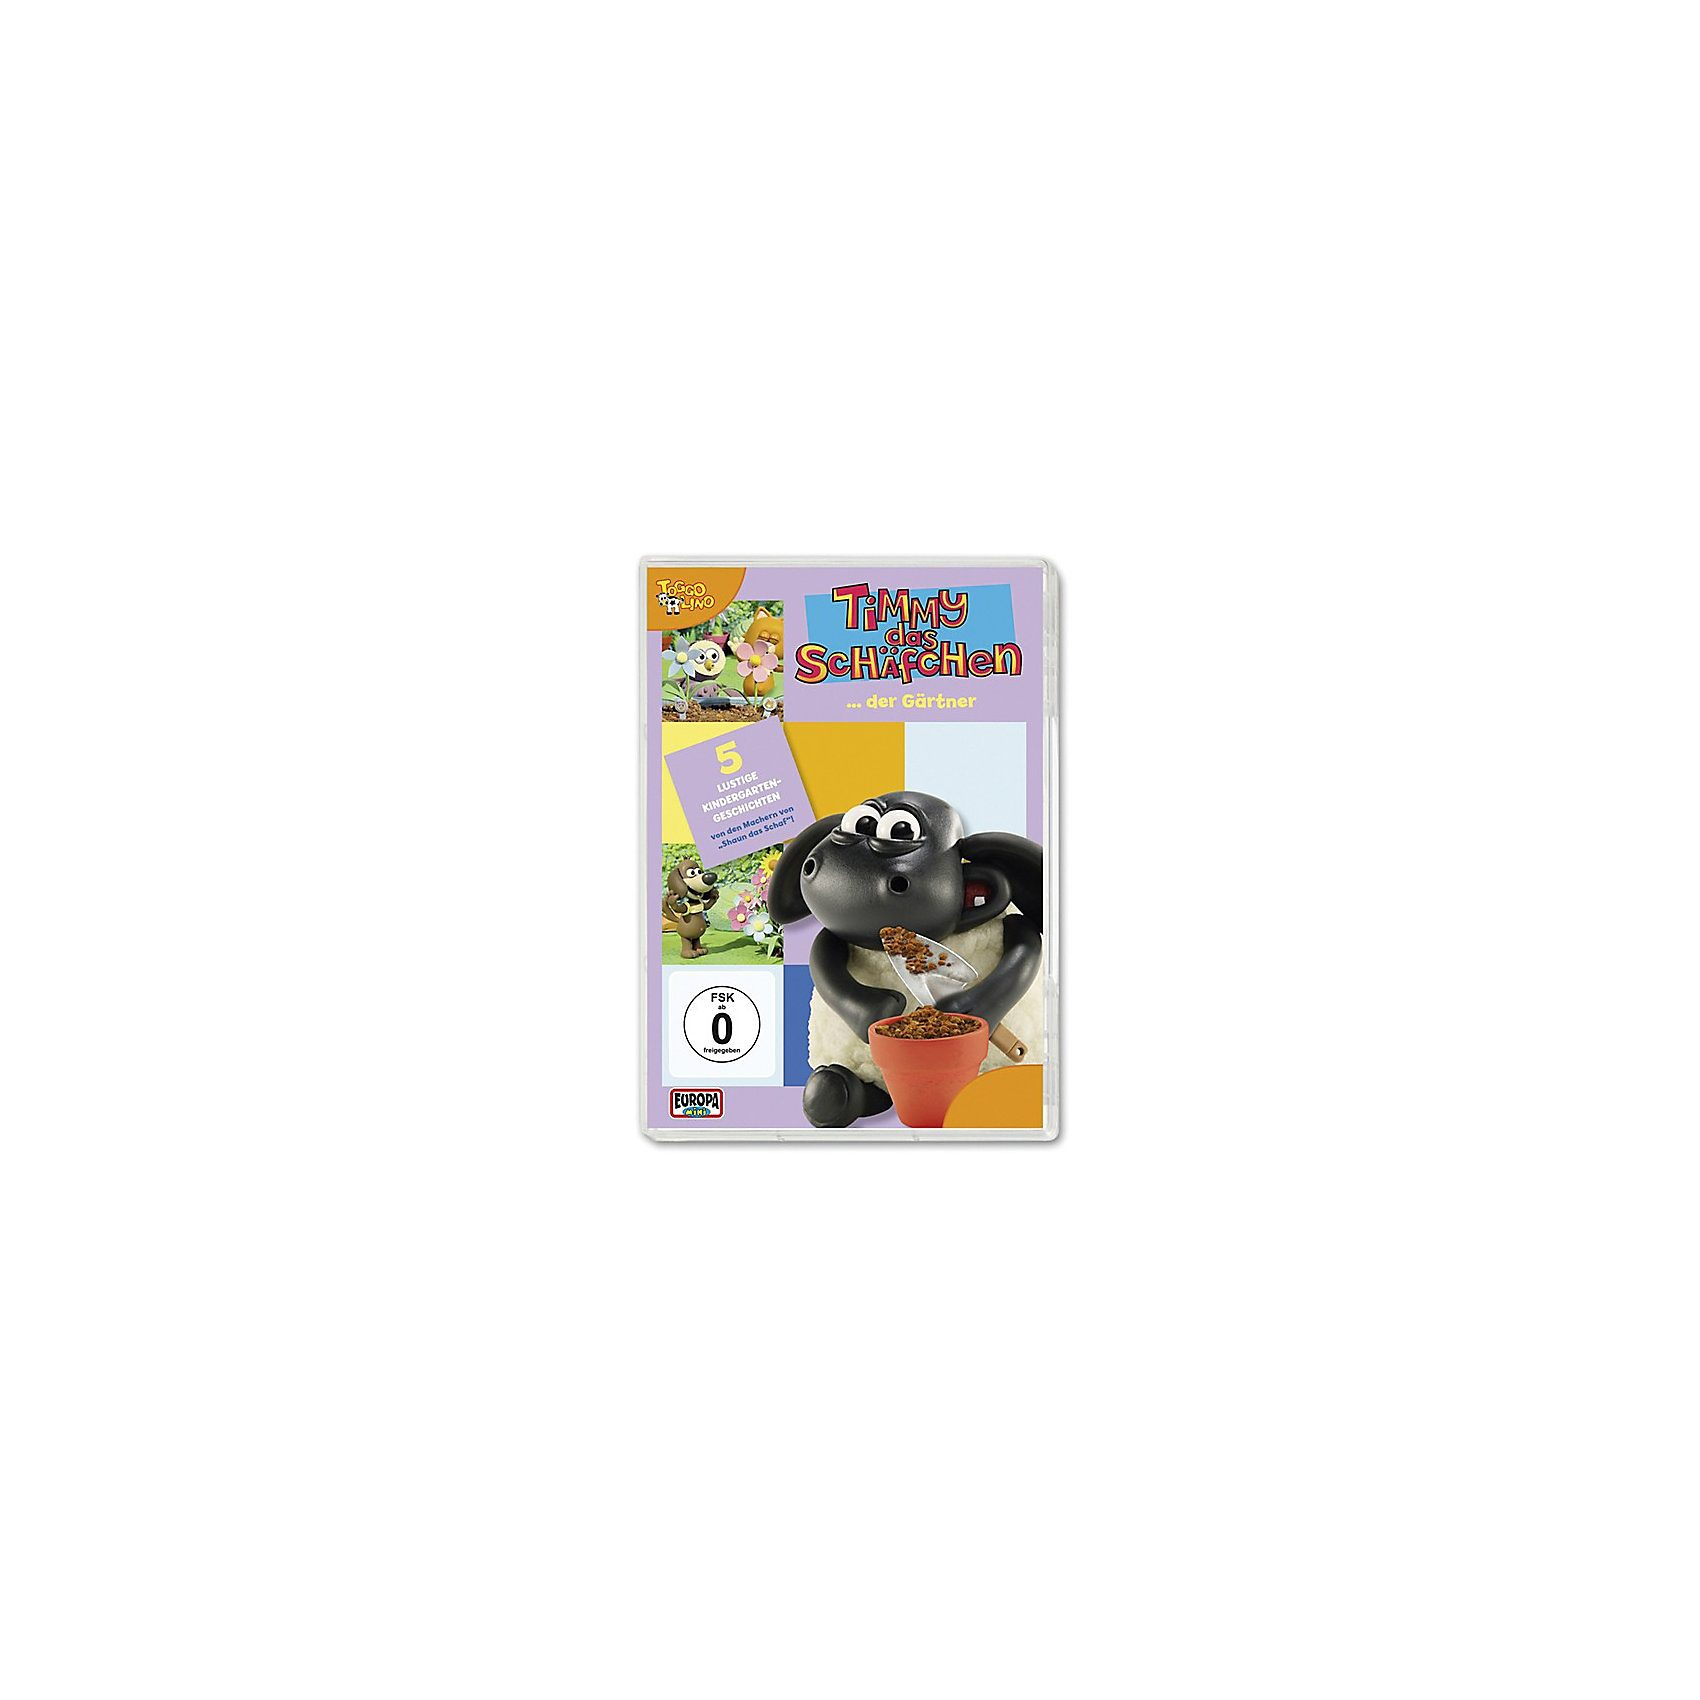 Sony DVD Timmy das Schäfchen 06 - Timmy der Gärtner